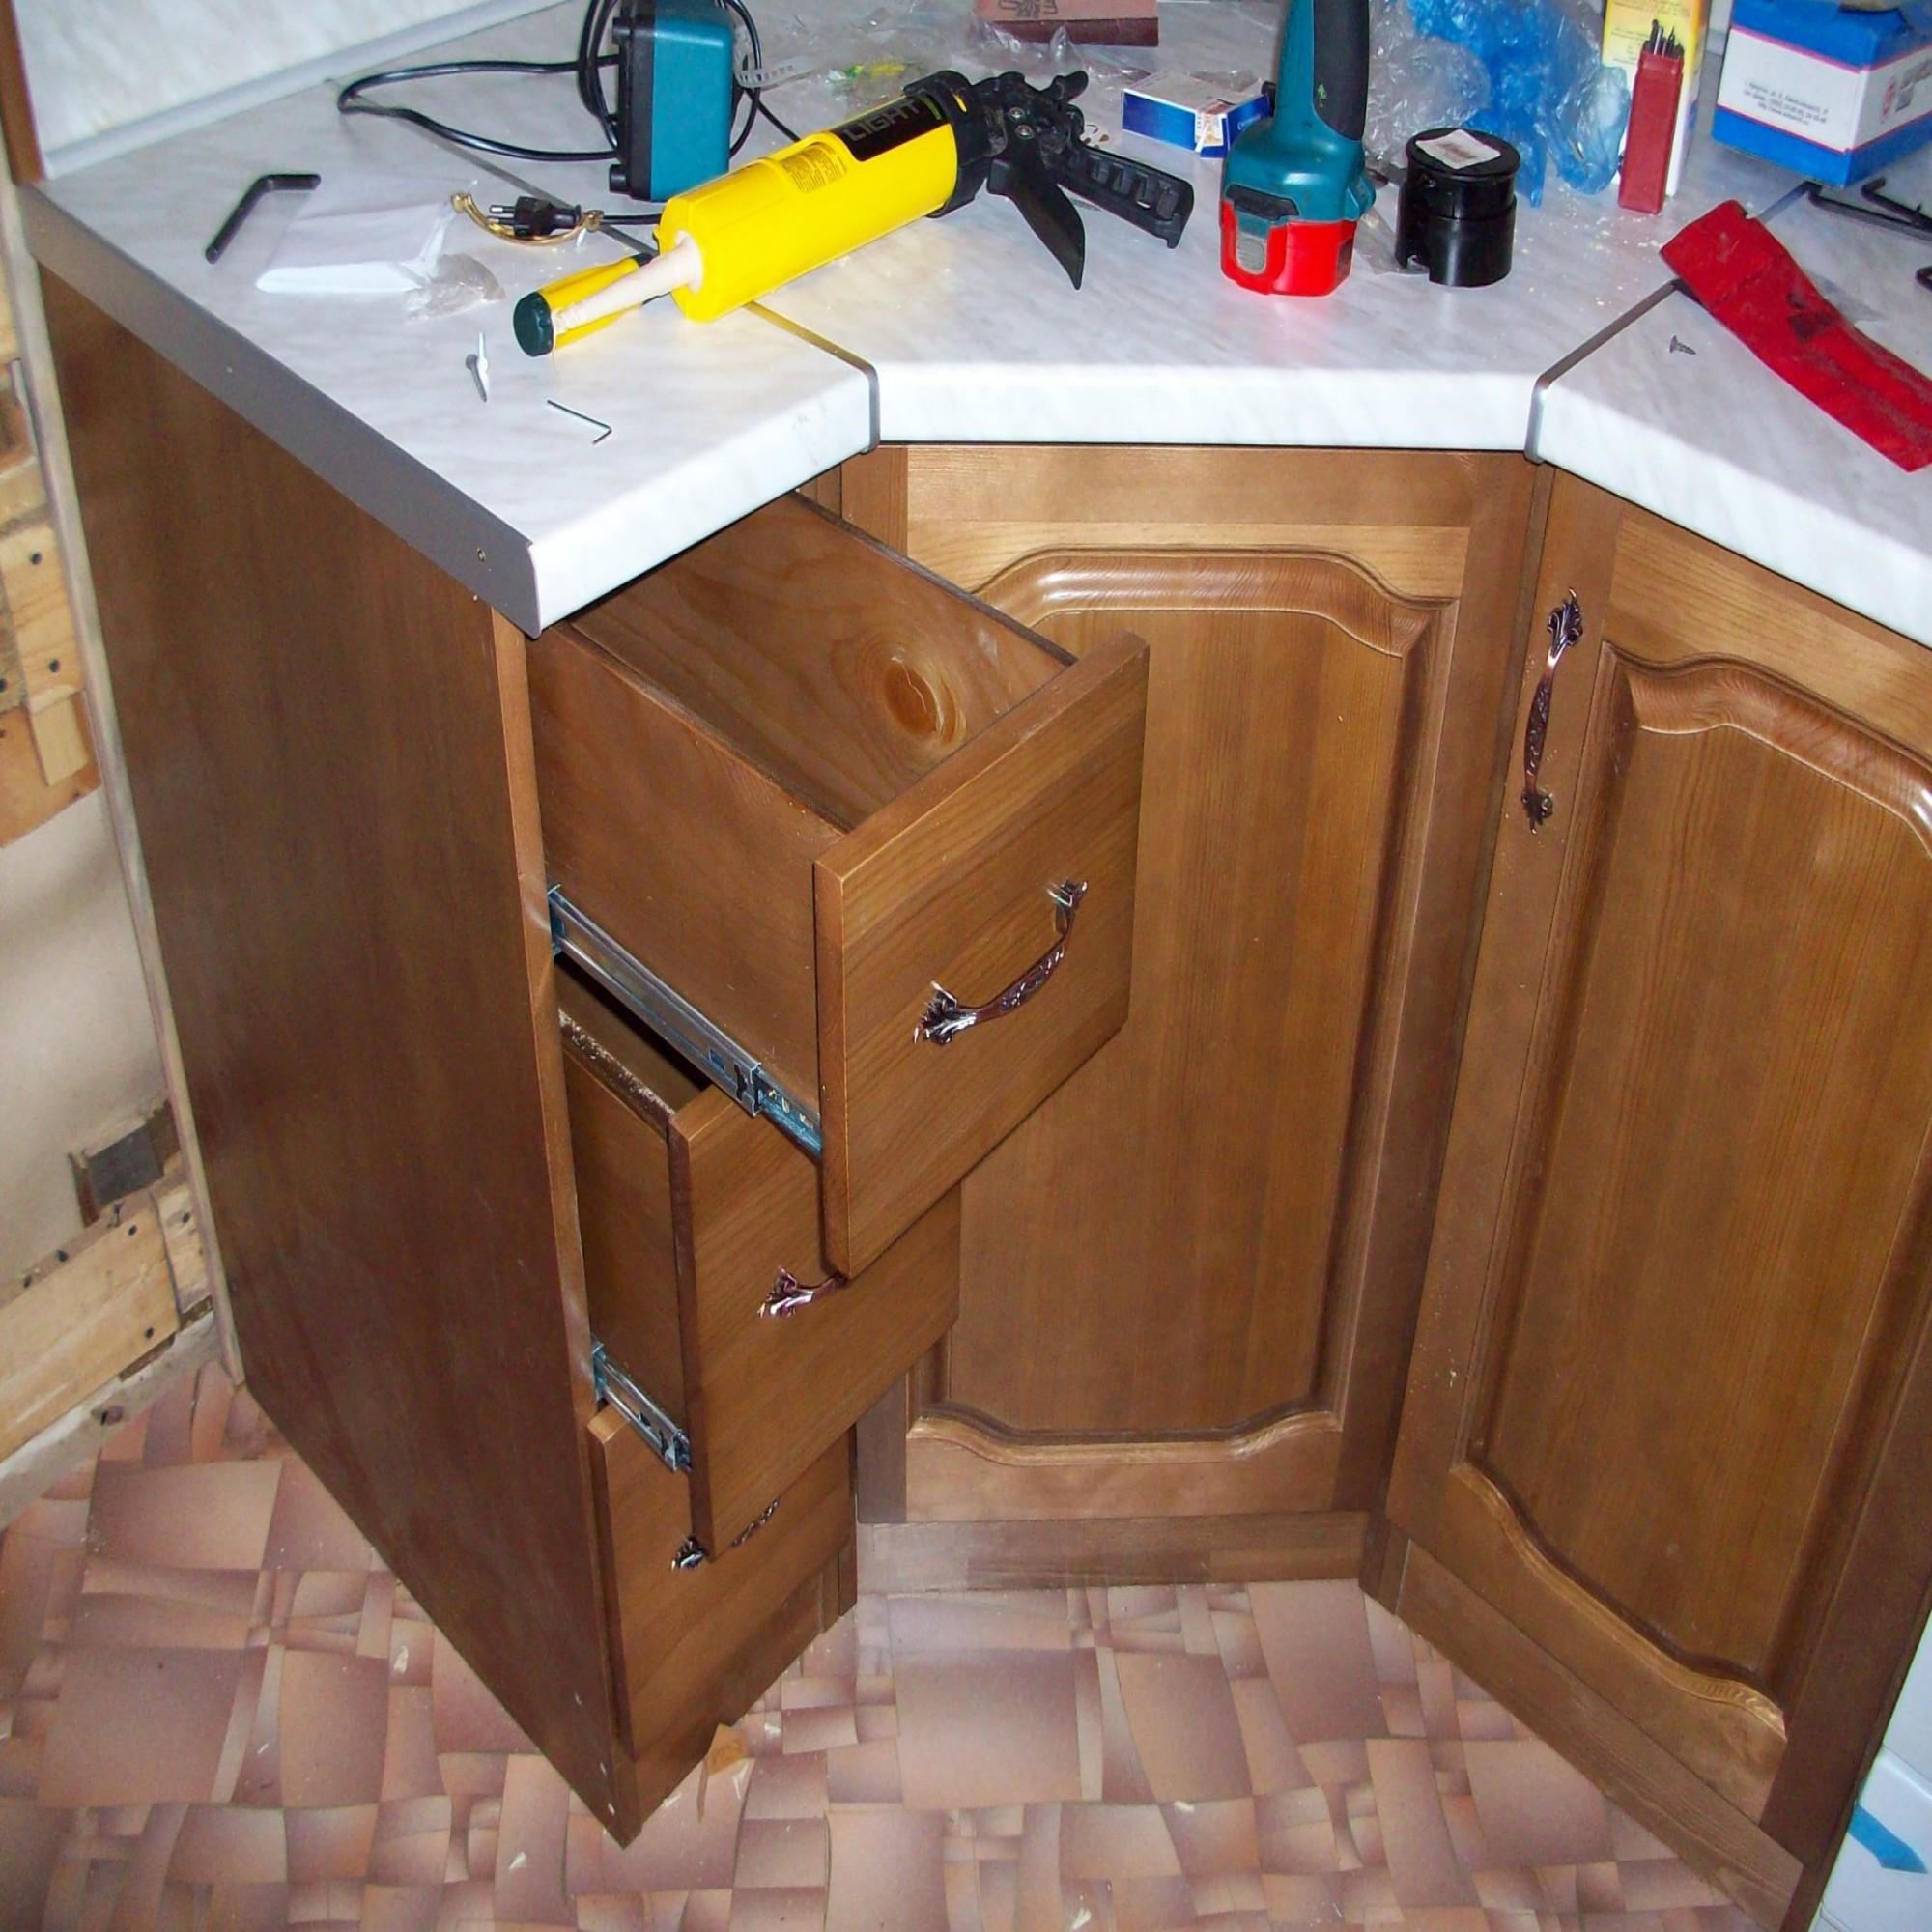 Угловая кухня своими руками реальные фото, видео, советы, ссылки 92